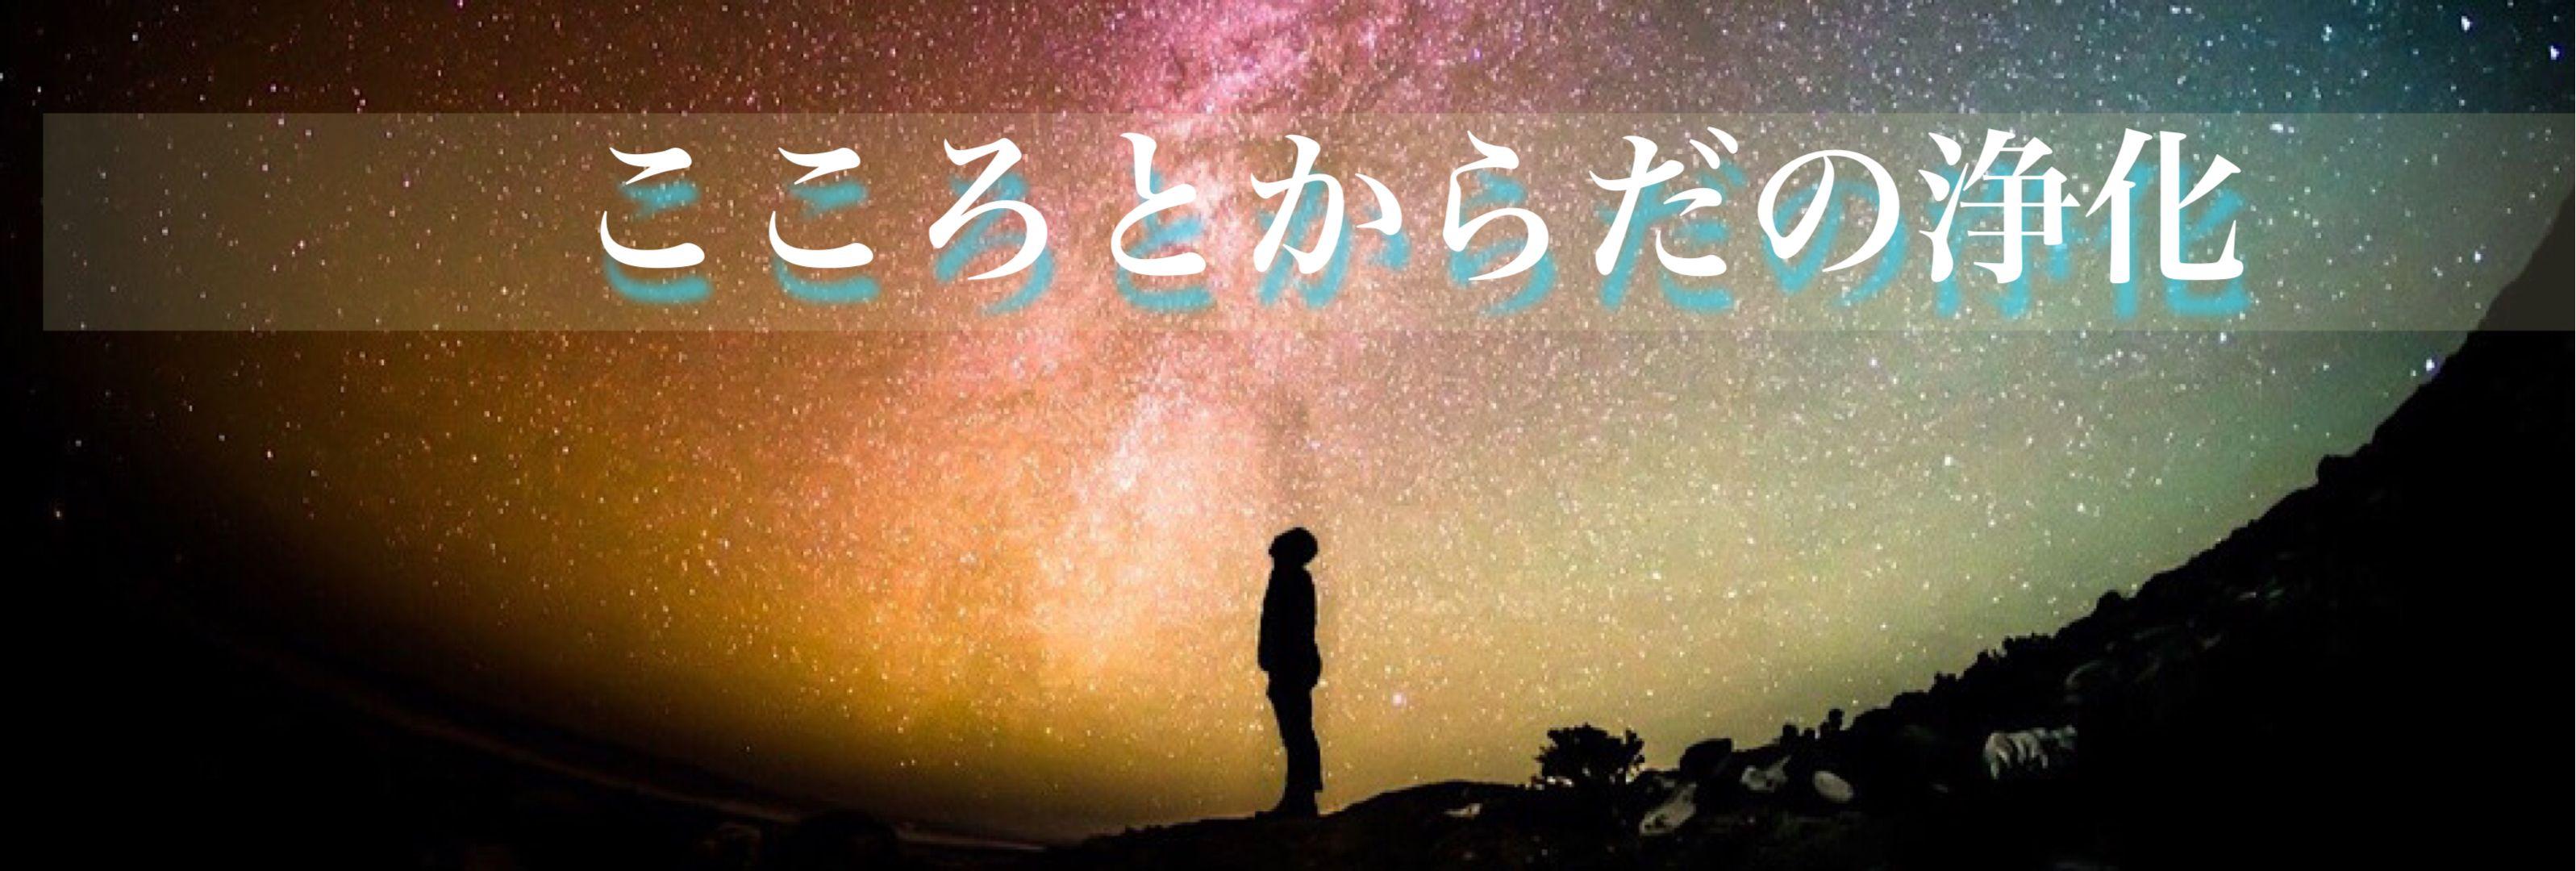 5次元マインド夢叶(ゆめかな)